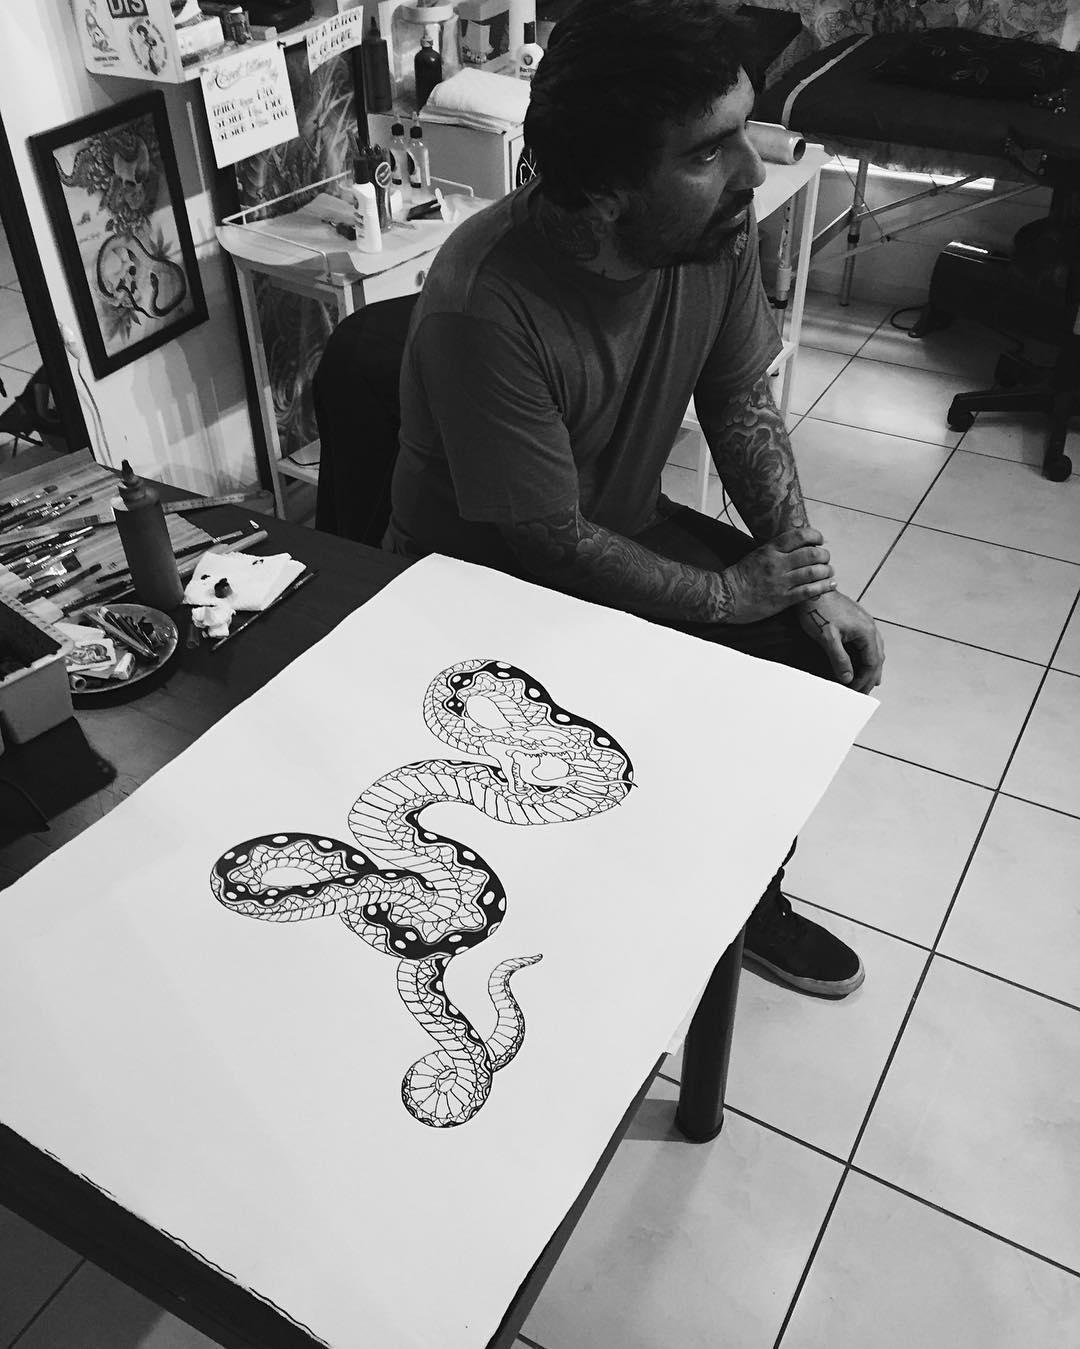 A recorrer el mundo de la tinta por Europa @tatumartinez Buen viaje hermano